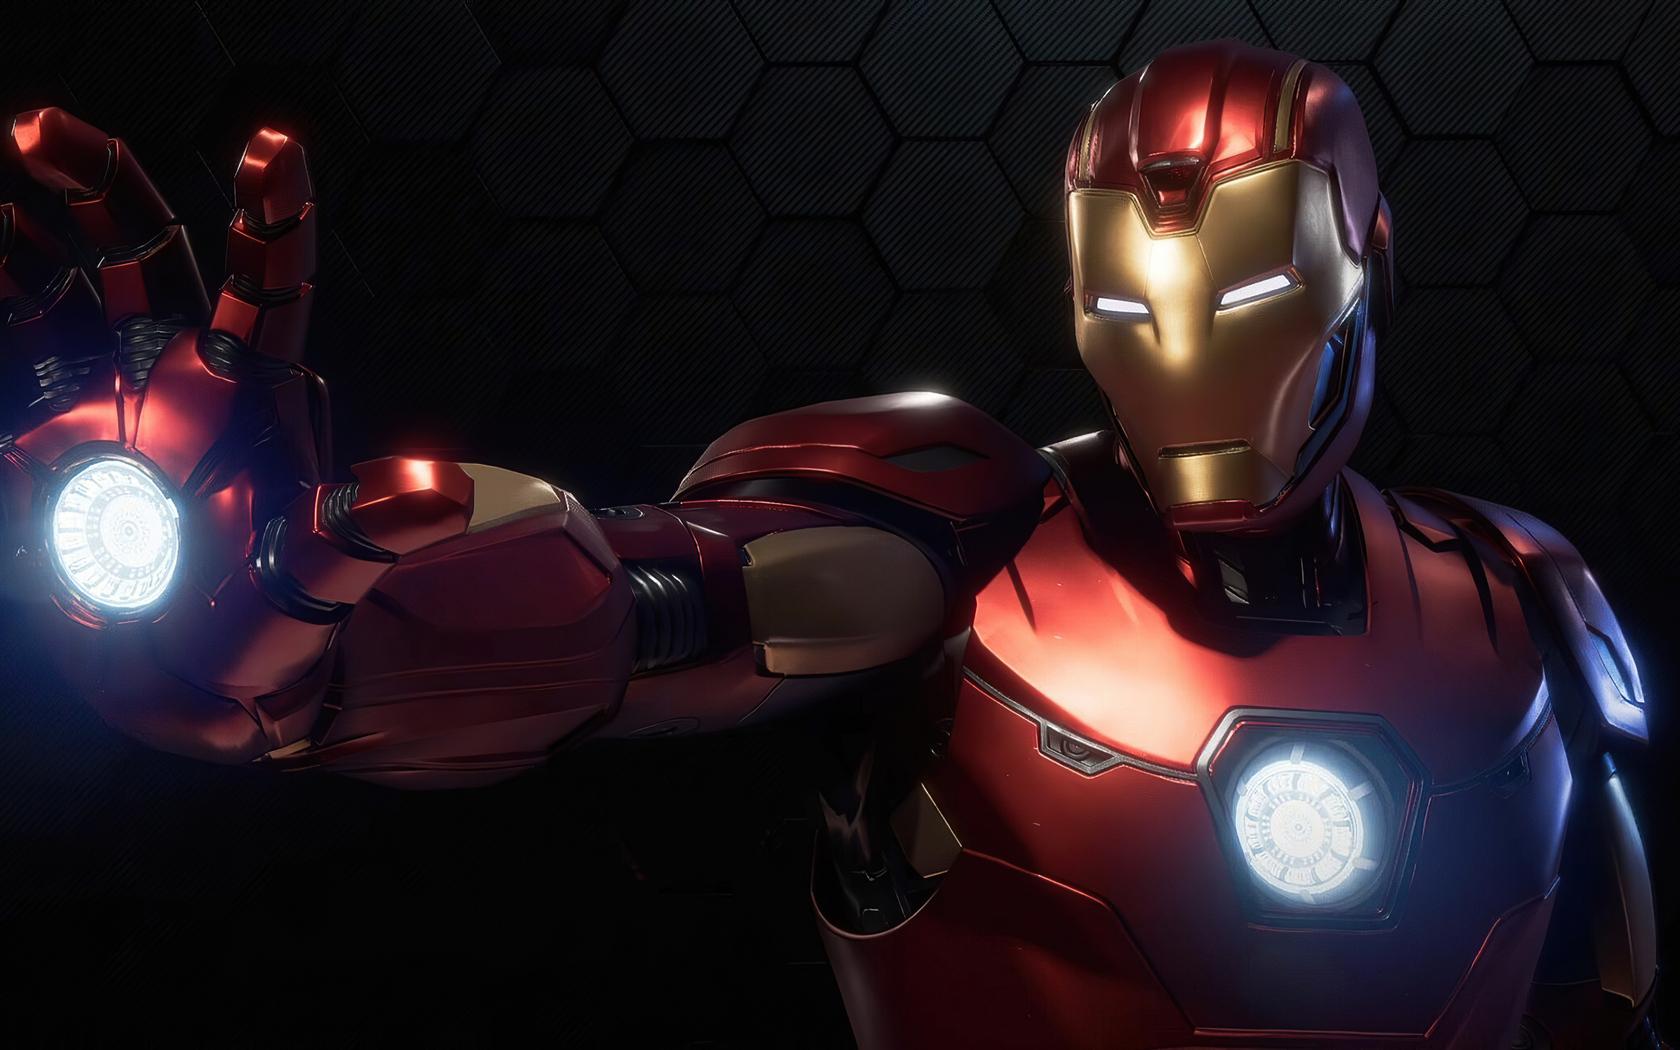 marvels-avengers-iron-man-4k-rd.jpg